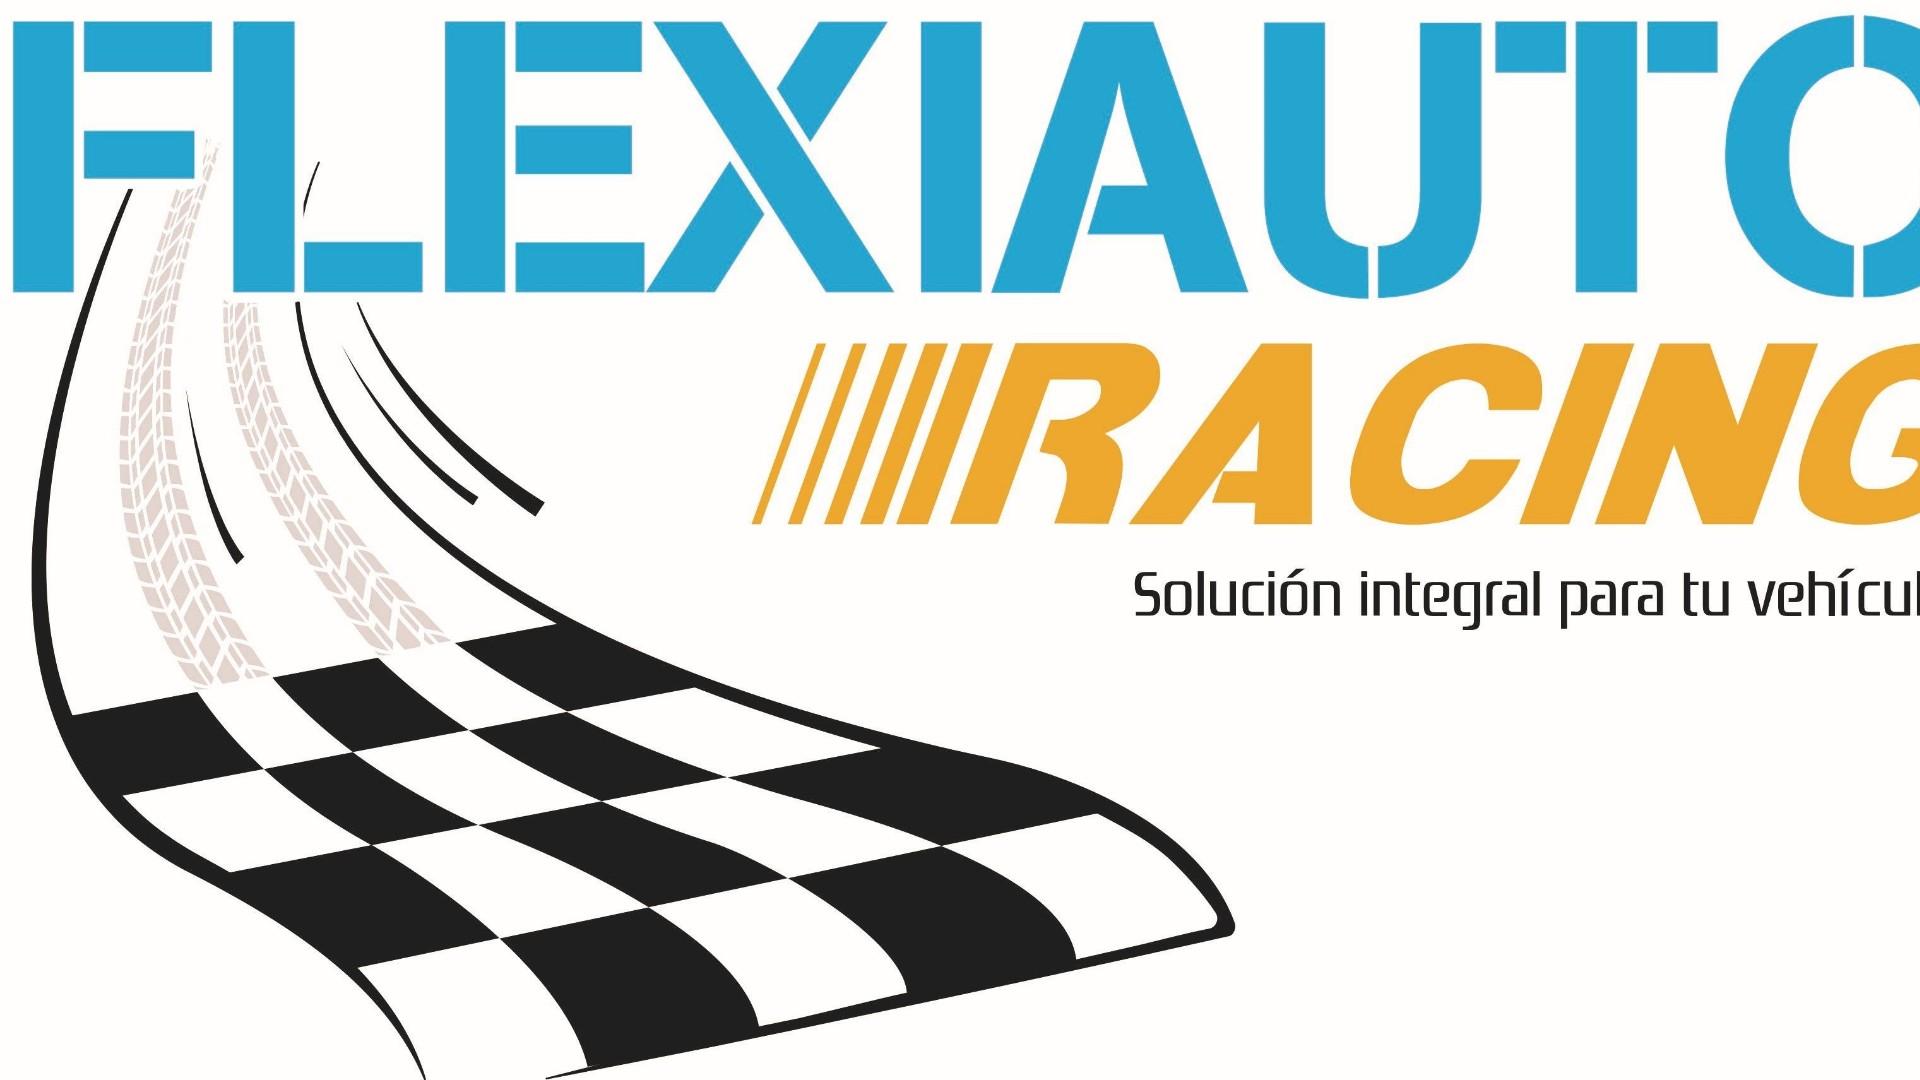 FLEXIAUTO RACING